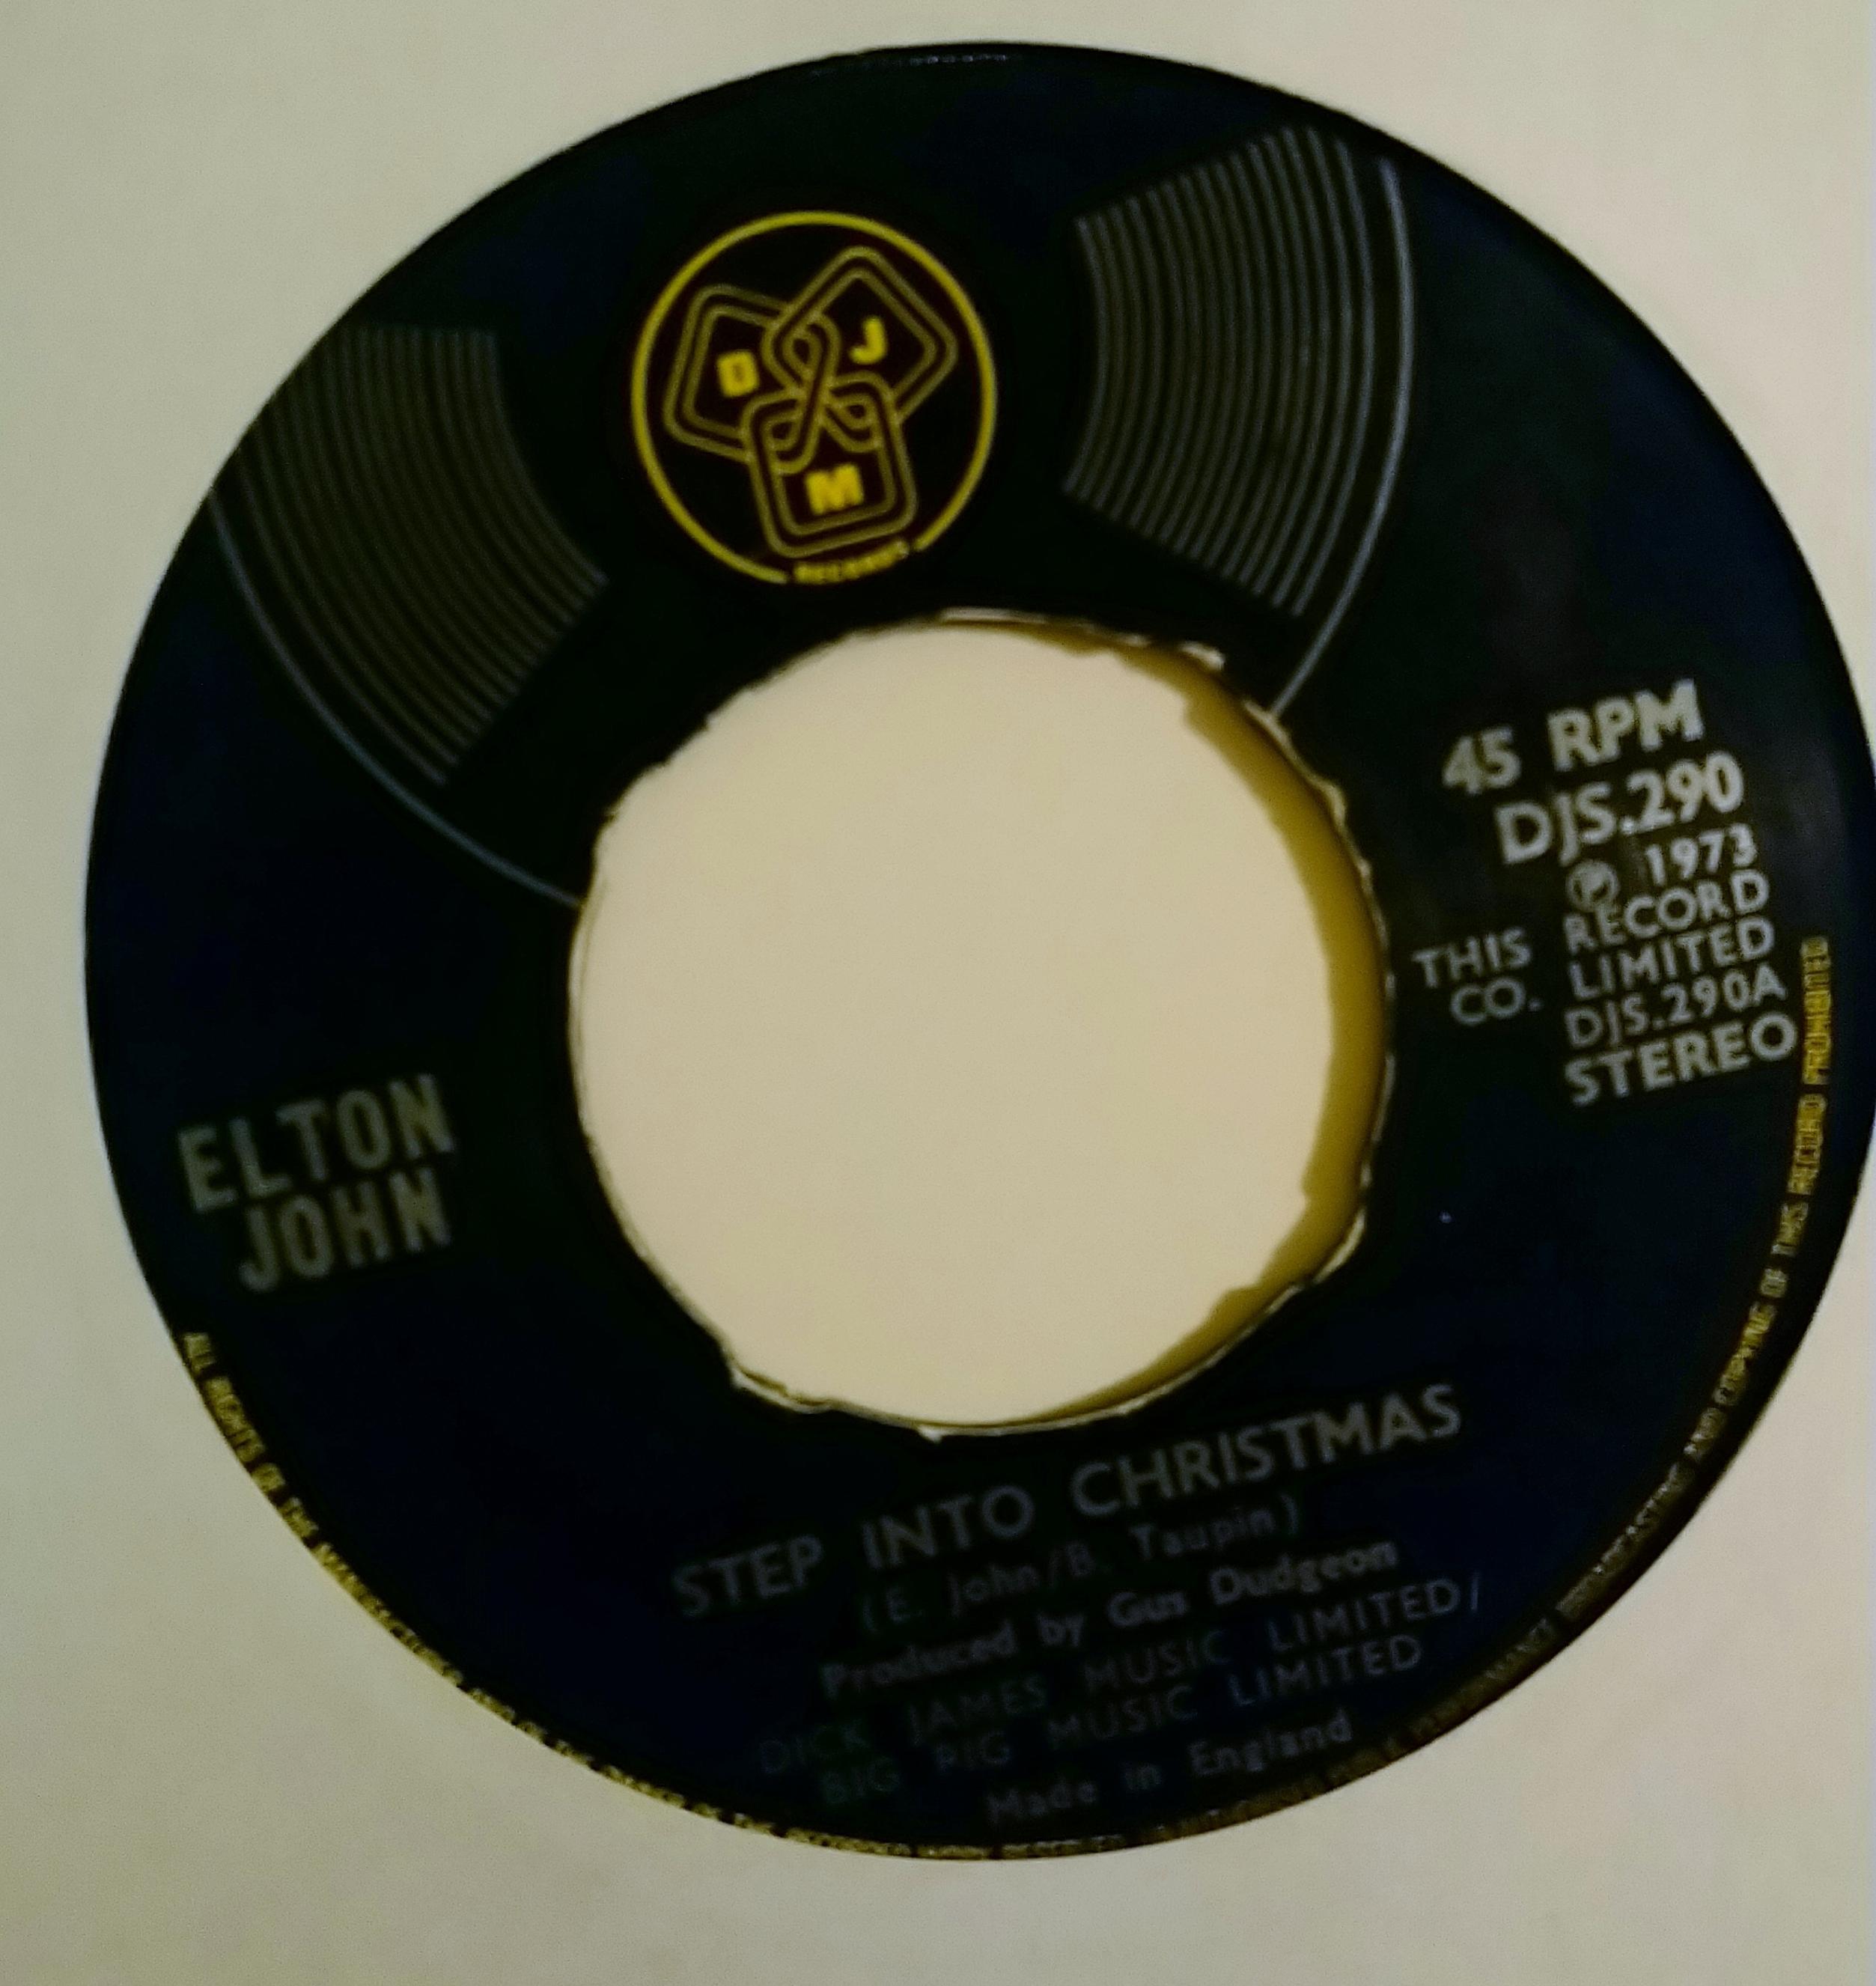 Step Into Christmas.Step Into Christmas 7 Single